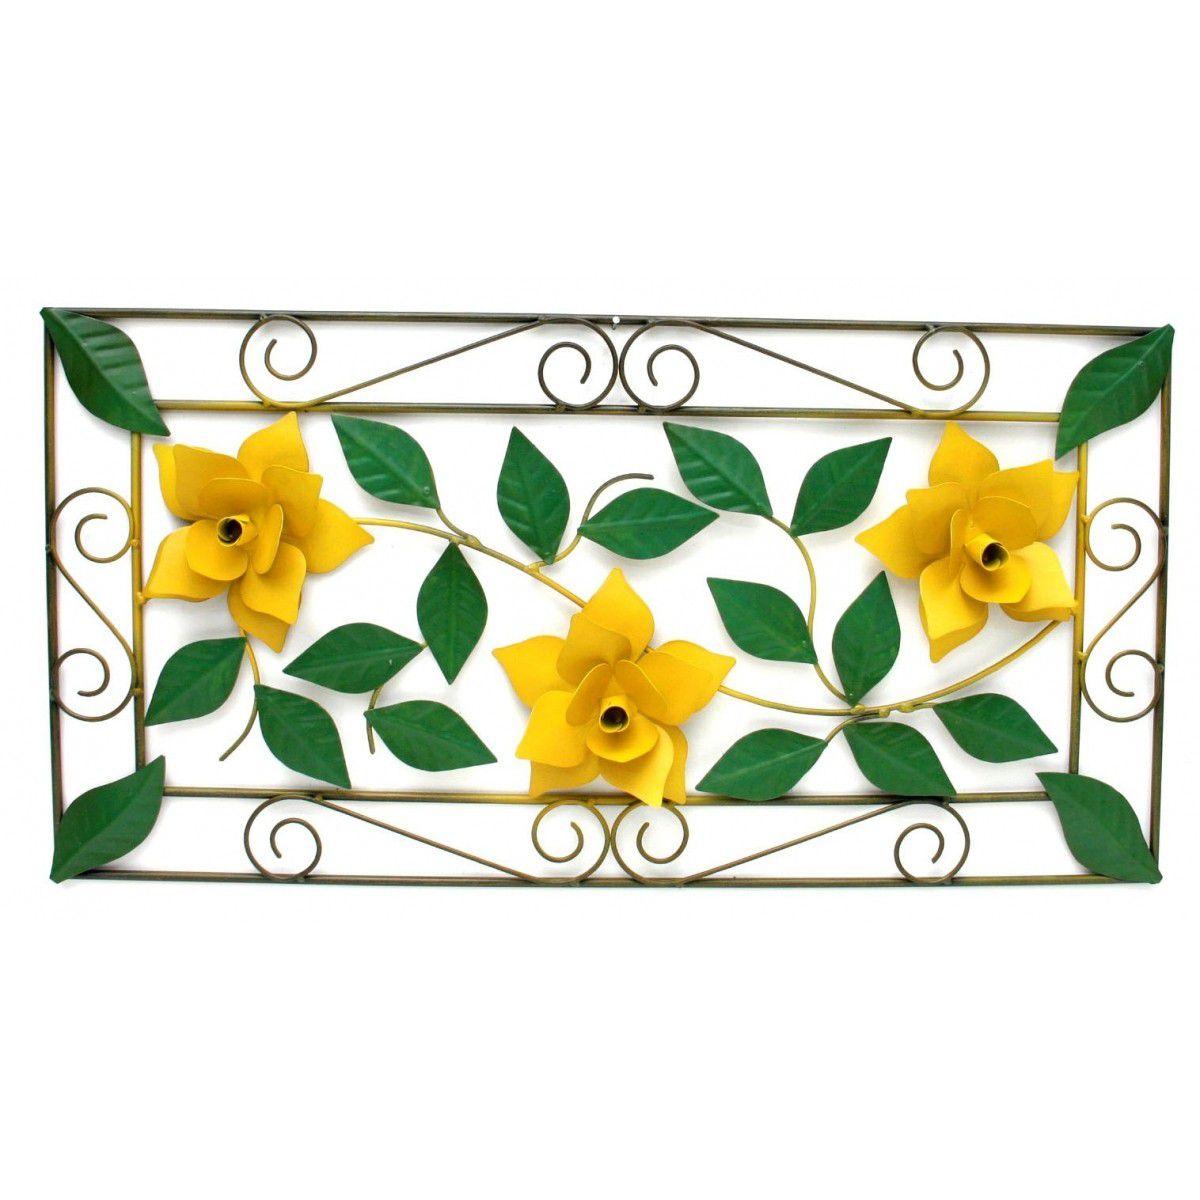 Moldura Decorativa de Ferro para Sala de Jantar Colonial com Flores